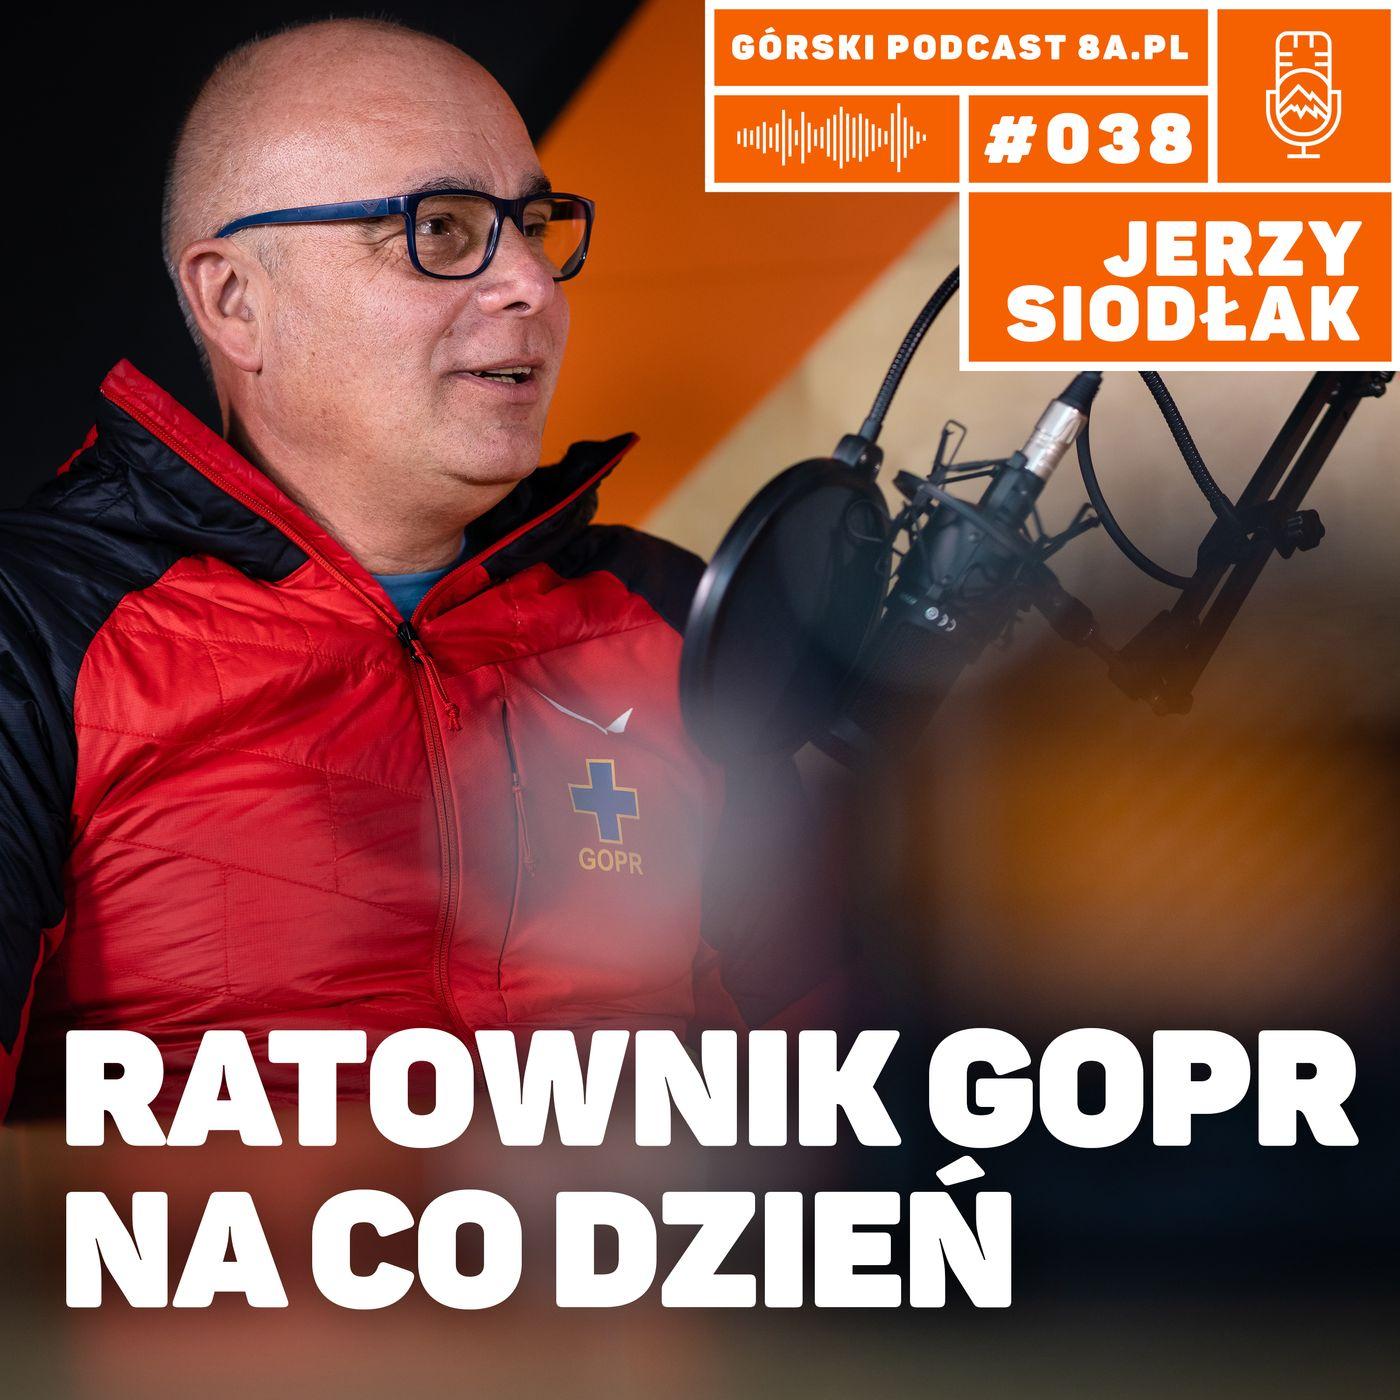 #038 8a.pl - Jerzy Siodłak. Ratownik GOPR na co dzień.